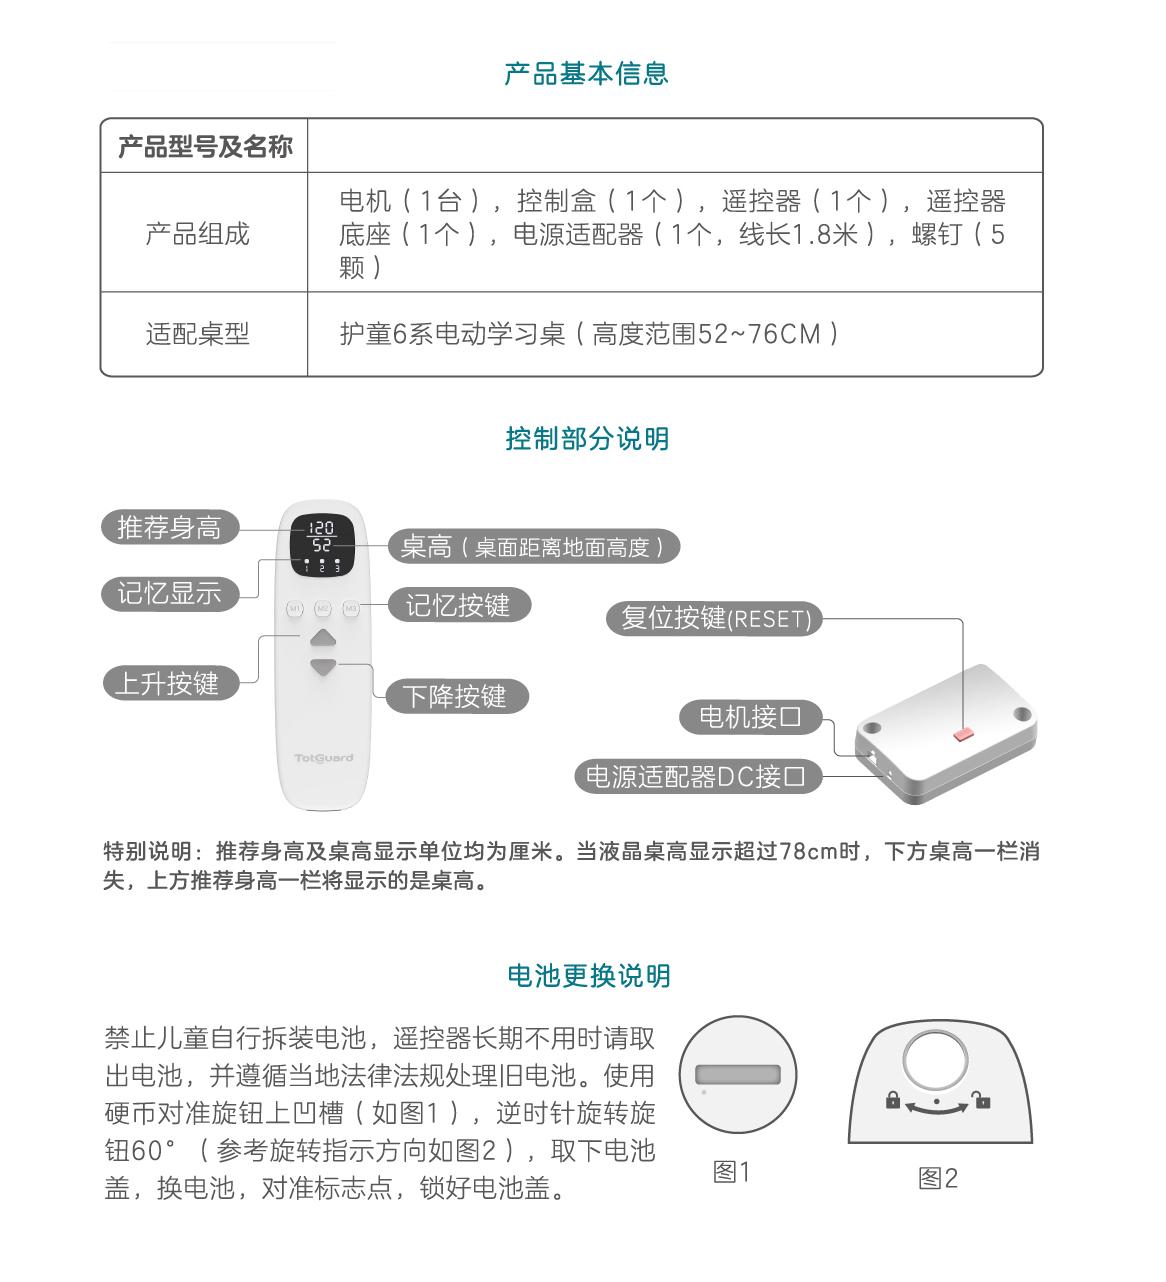 电动升降模块产品说明.jpg